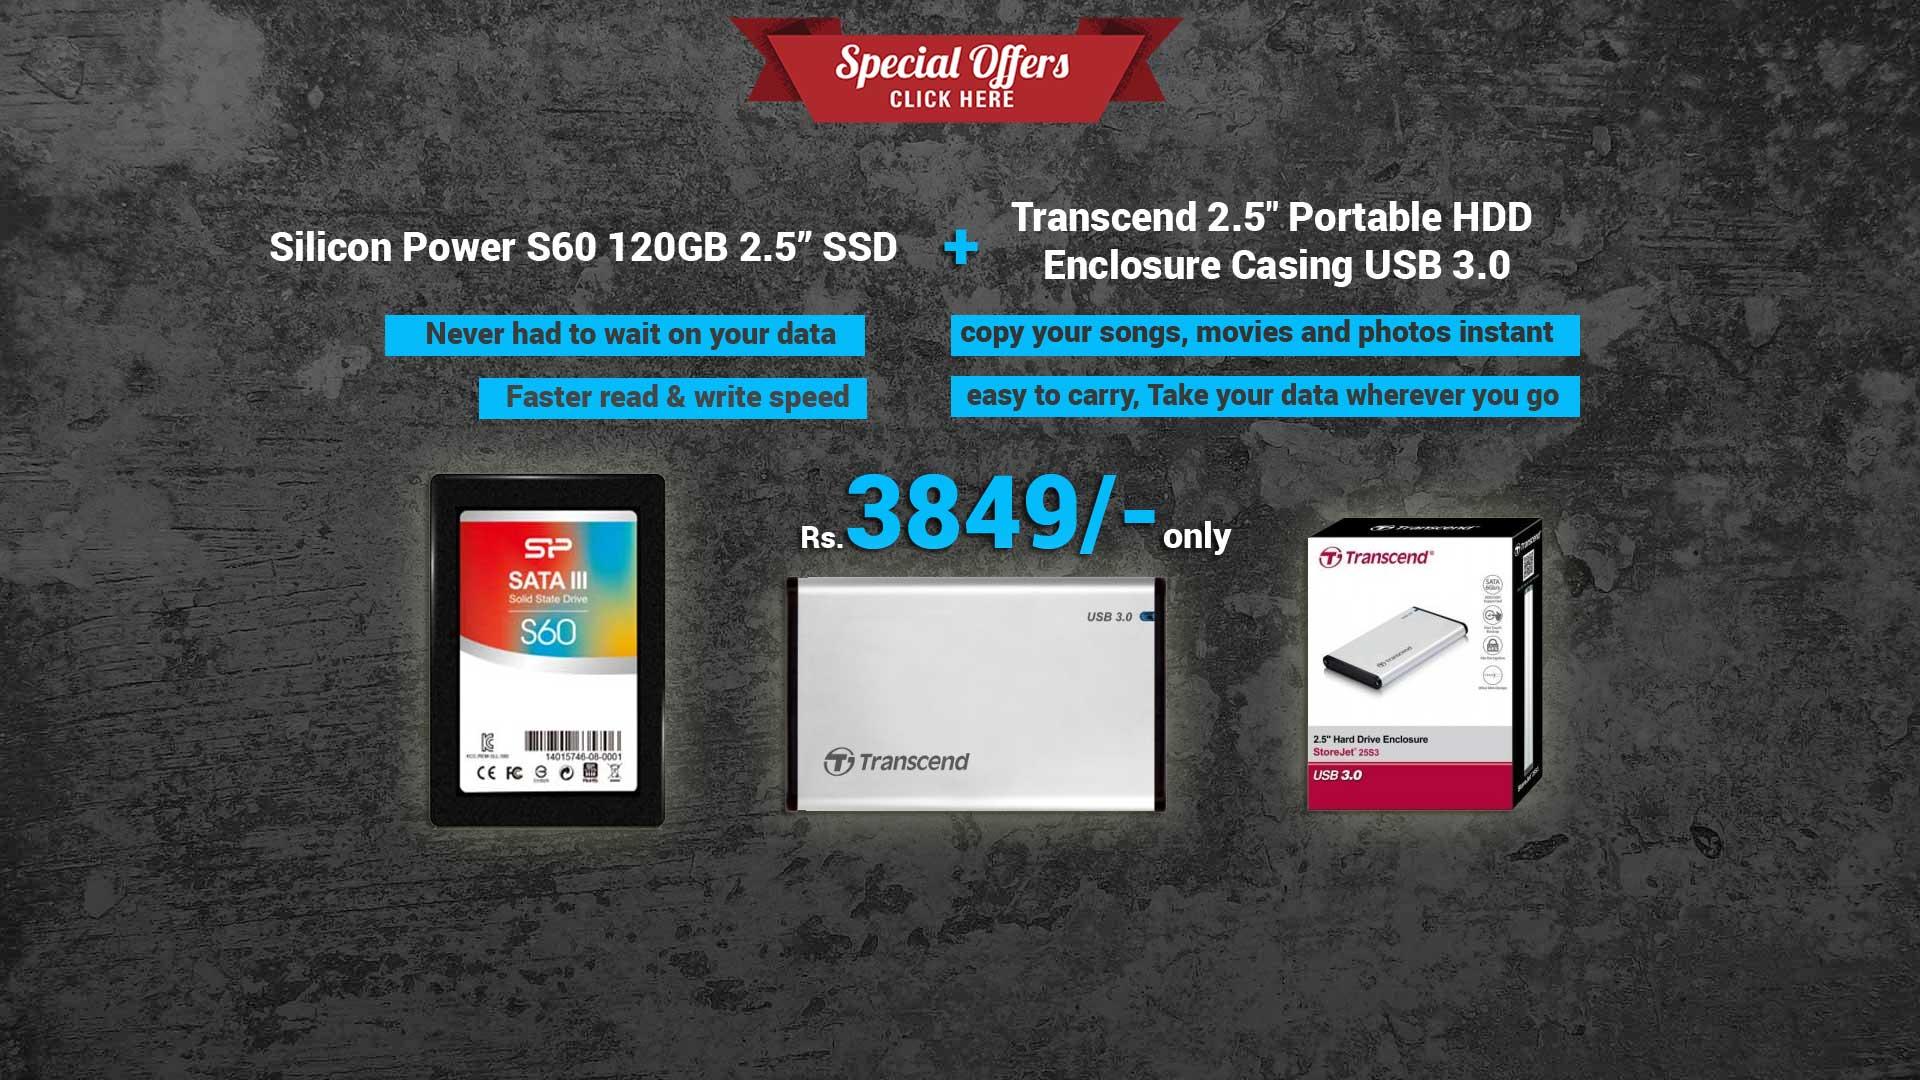 transcend-silicon-offer3